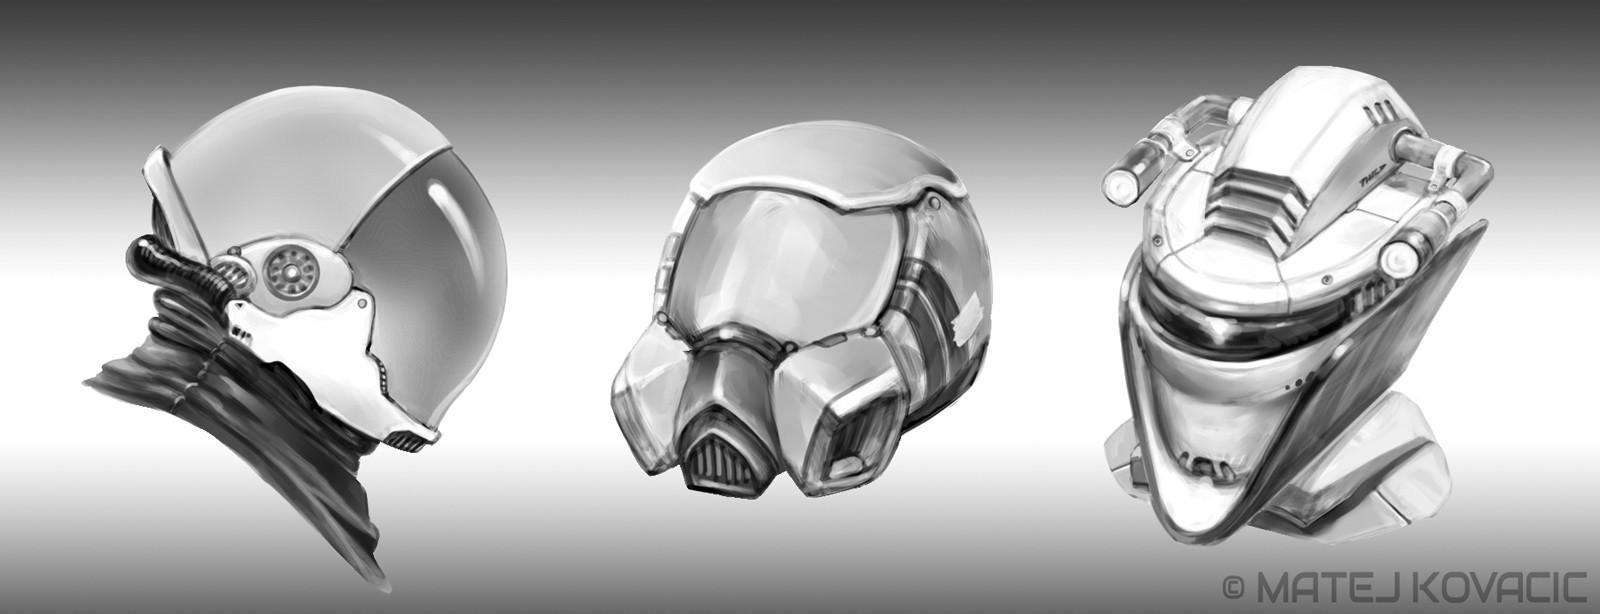 Robot Helmet Design 002